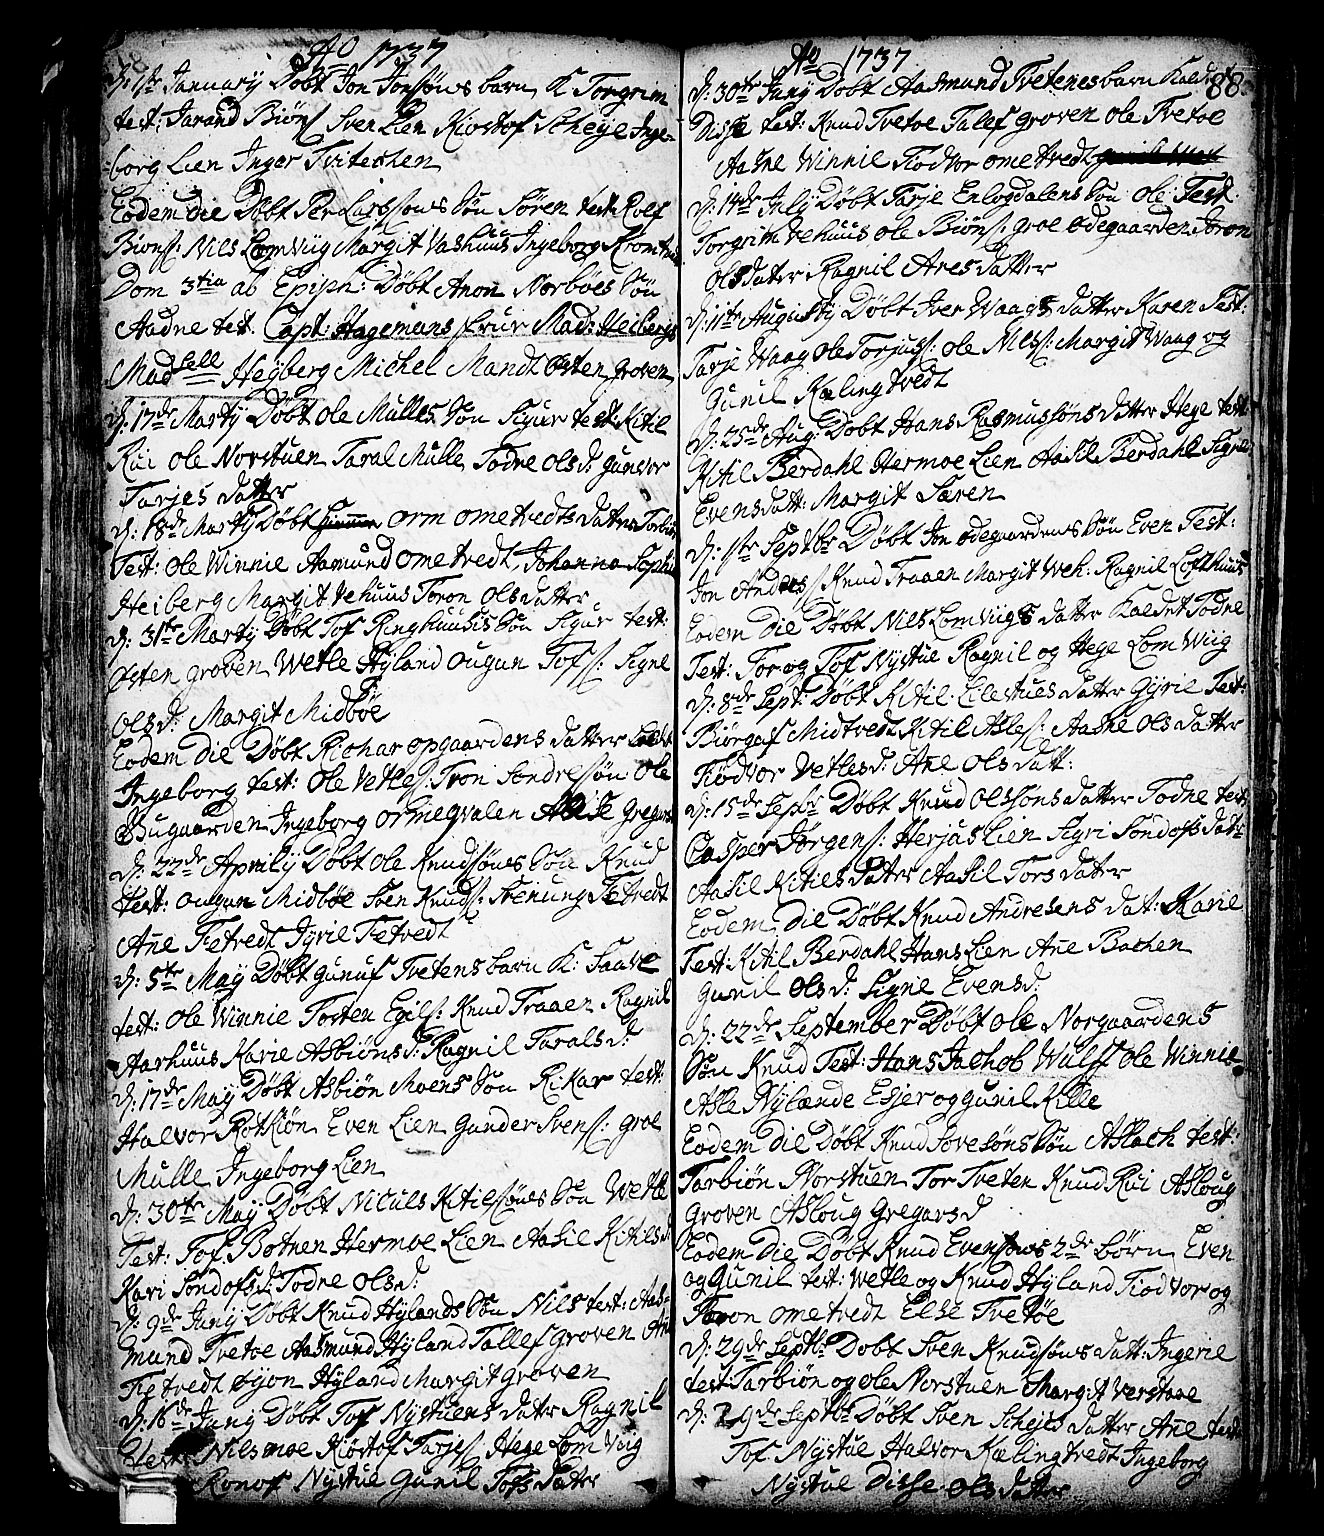 SAKO, Vinje kirkebøker, F/Fa/L0001: Ministerialbok nr. I 1, 1717-1766, s. 88